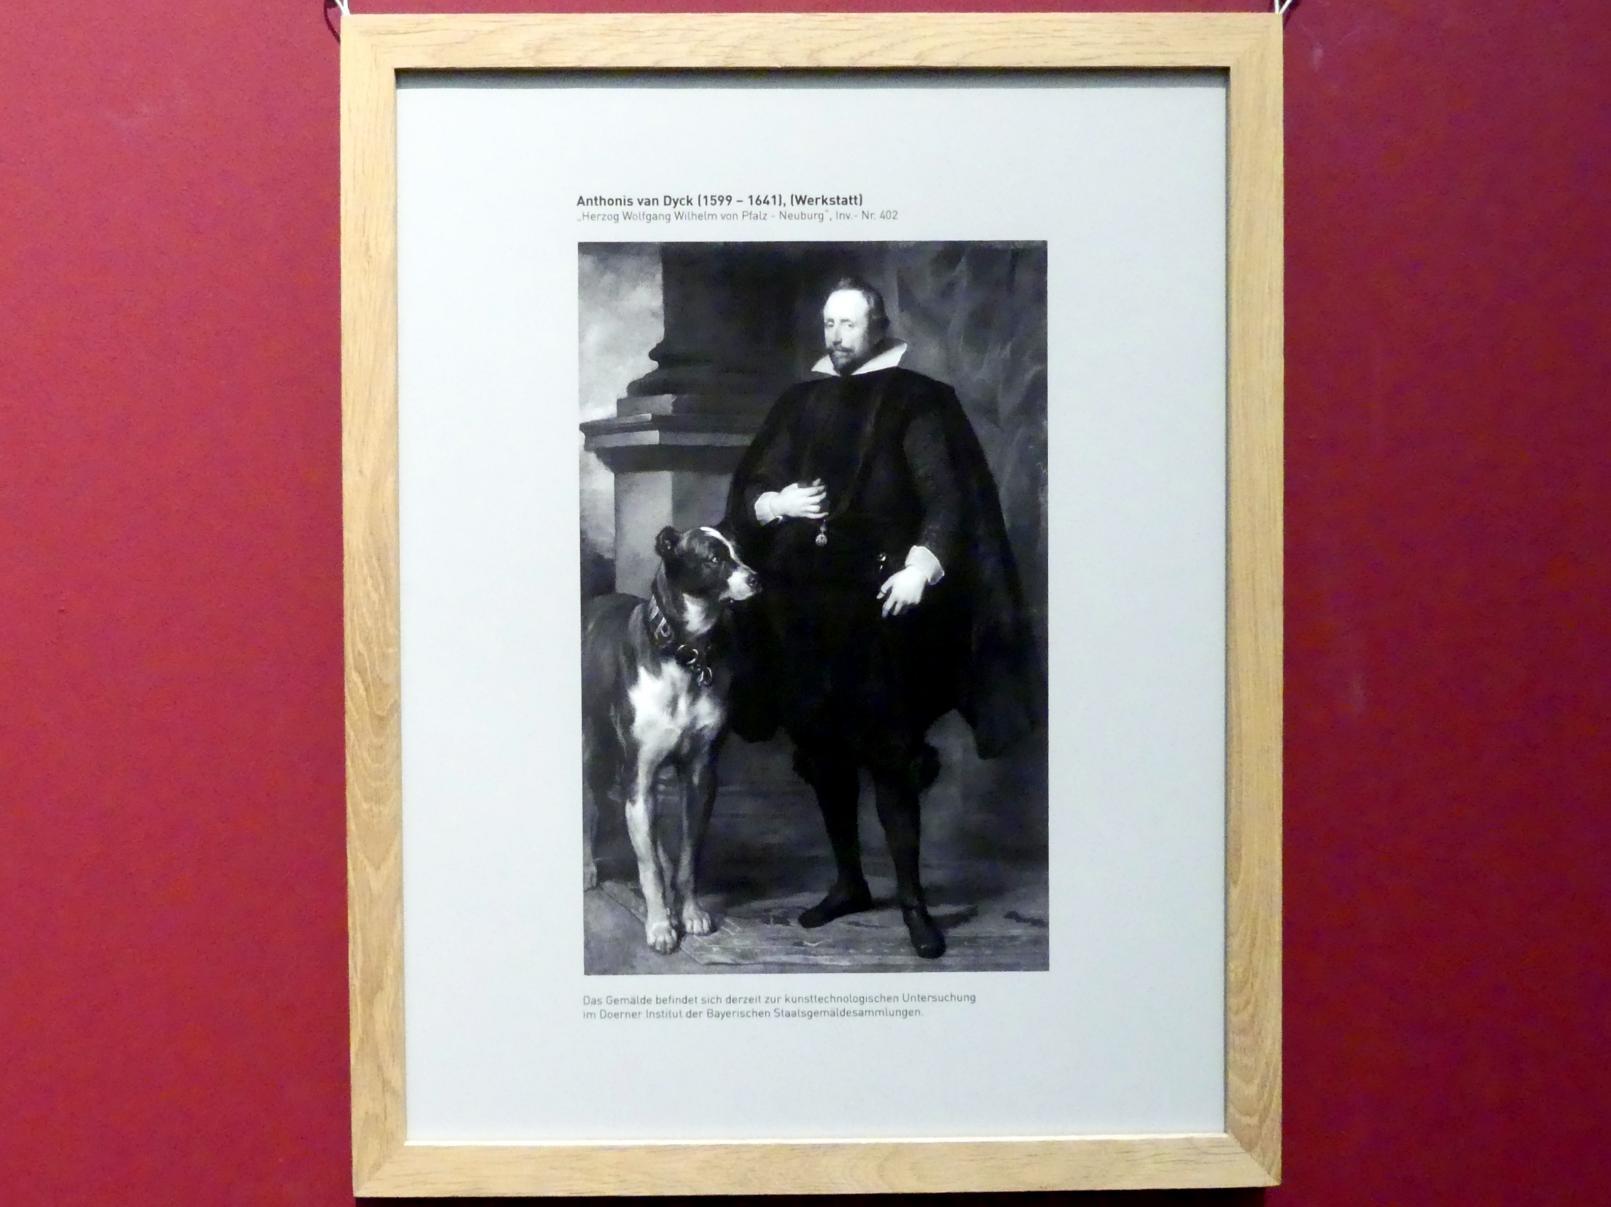 Anthonis (Anton) van Dyck (Werkstatt): Herzog Wolfgang Wilhelm von Pfalz-Neuburg, Undatiert